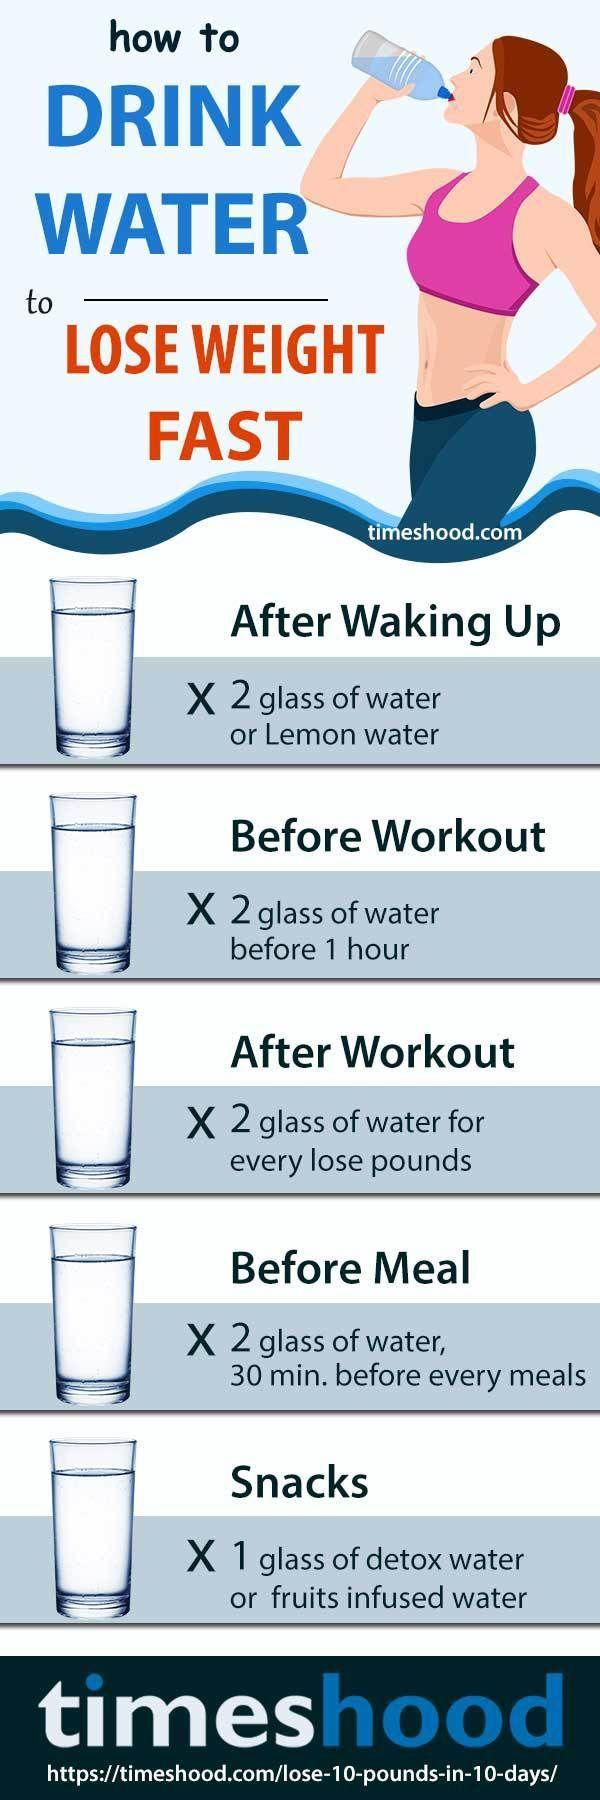 Wie viel Wasser soll man trinken, um schnell abzunehmen? Schauen Sie sich 1000 Kalorien an